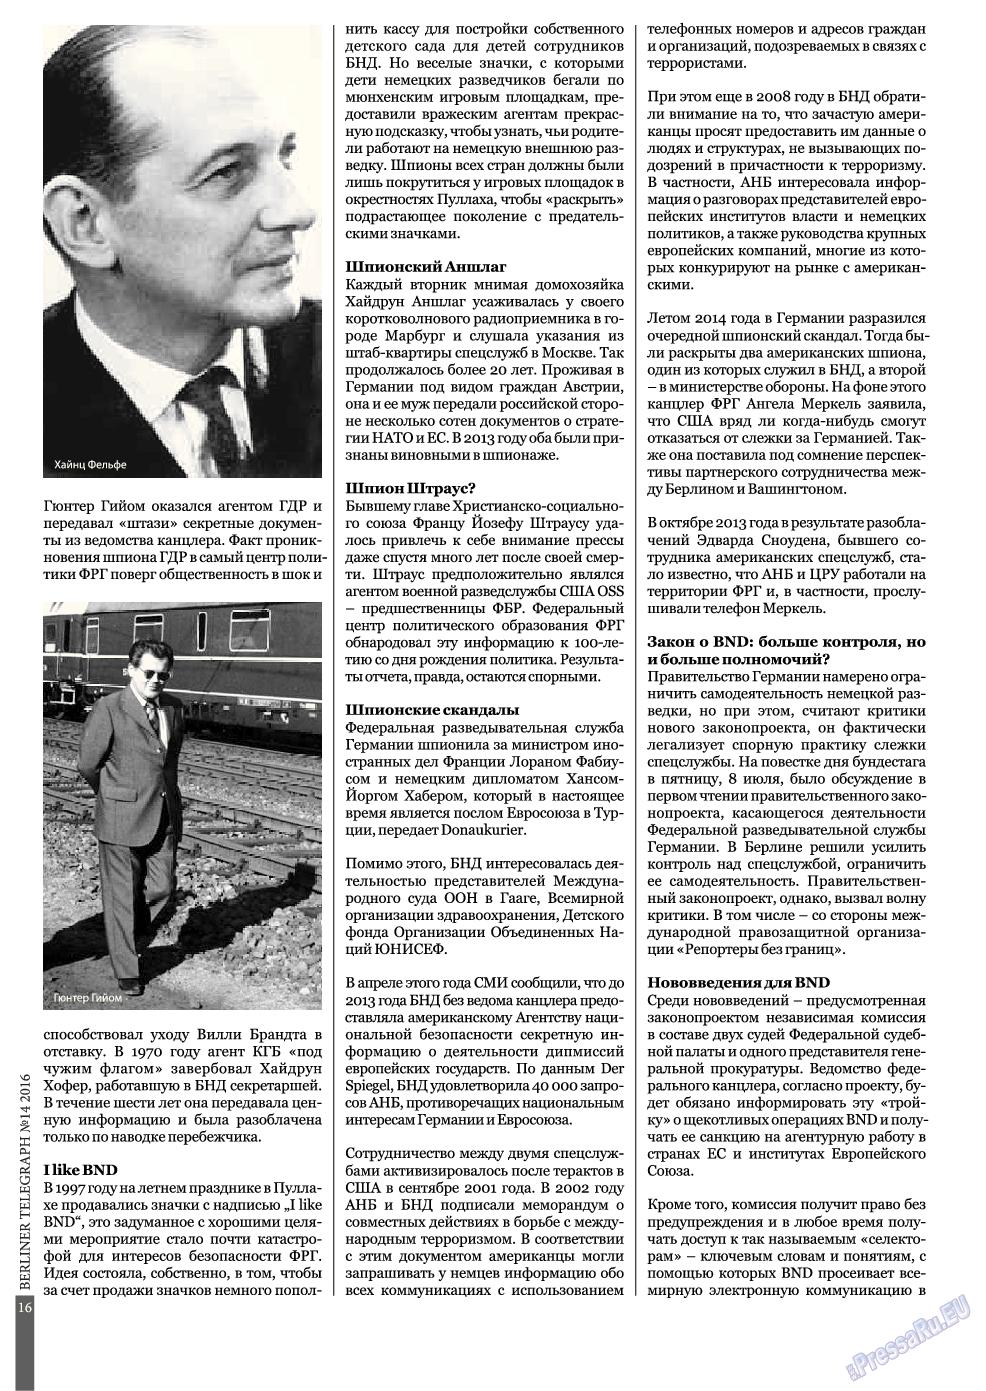 Берлинский телеграф (журнал). 2016 год, номер 14, стр. 16